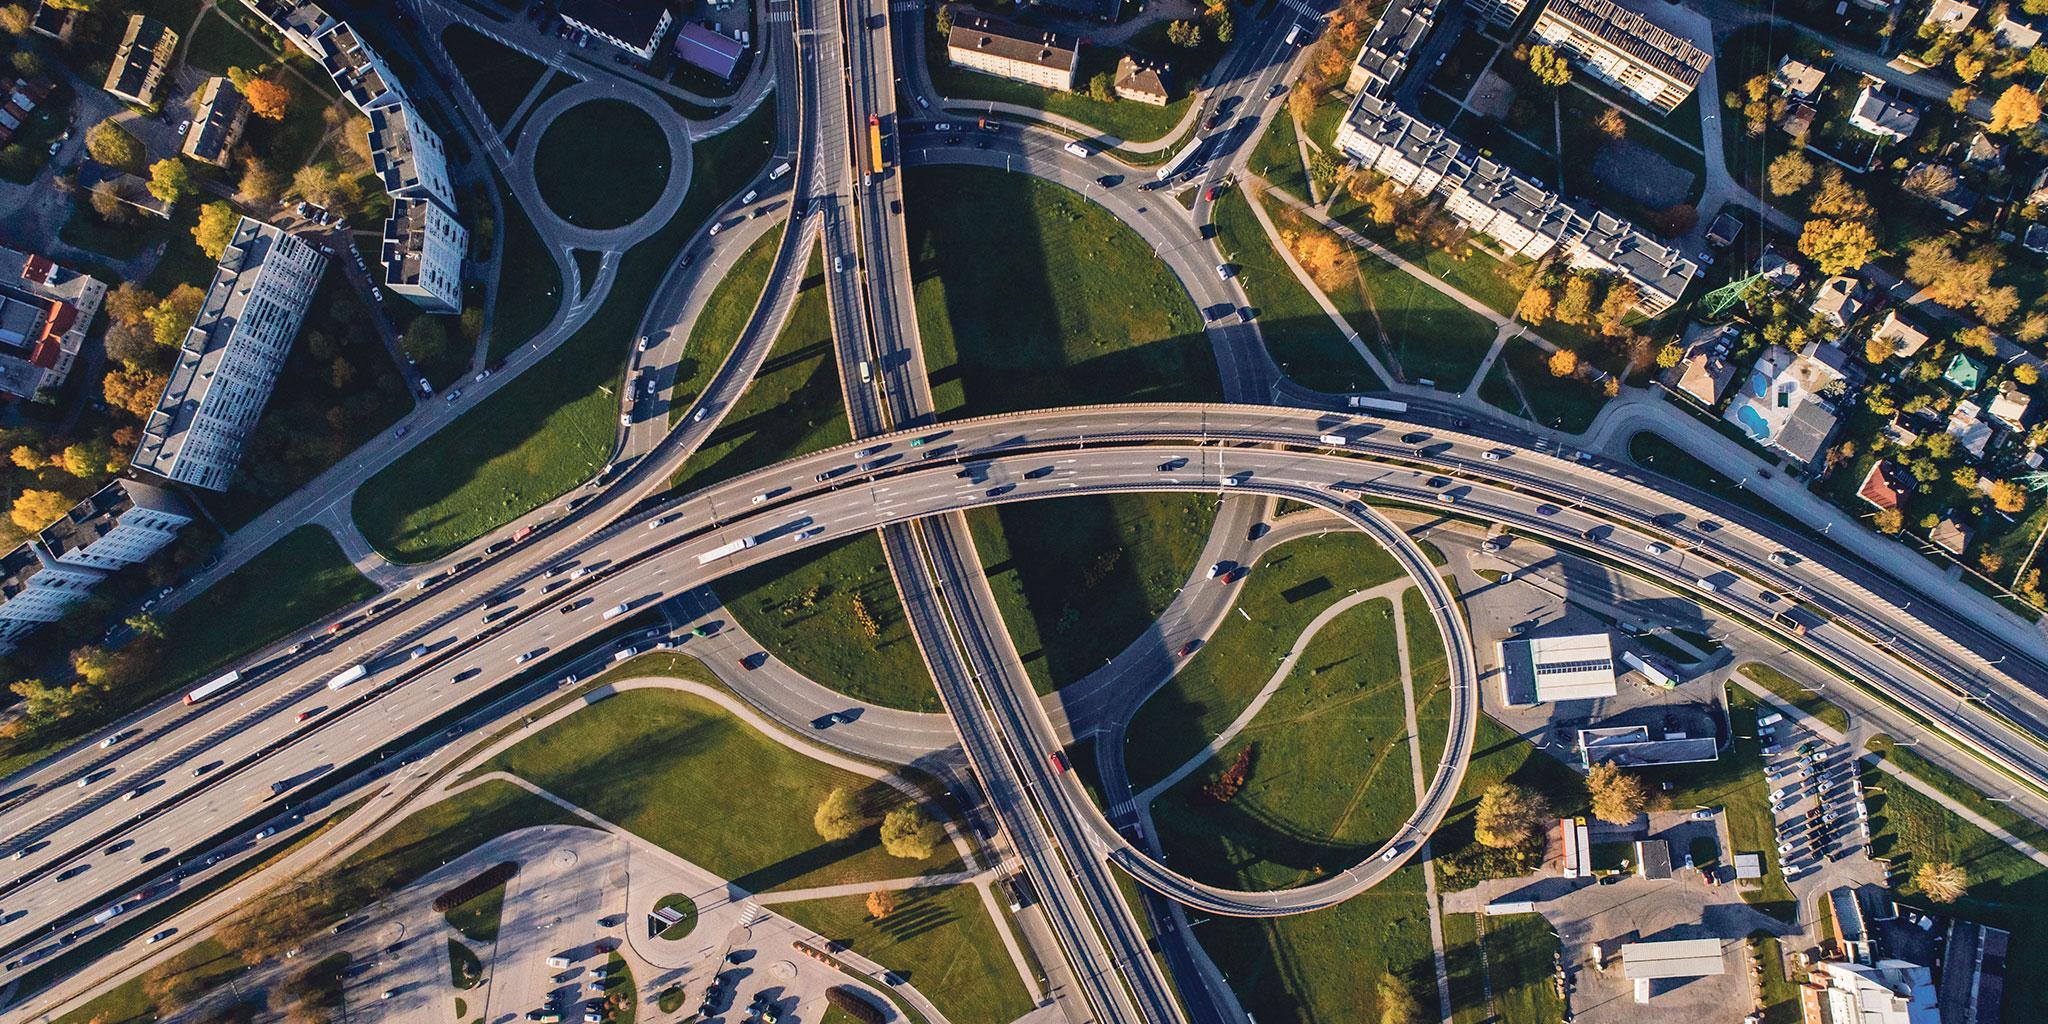 Auto's op rijbanen vanuit de lucht genomen afbeelding